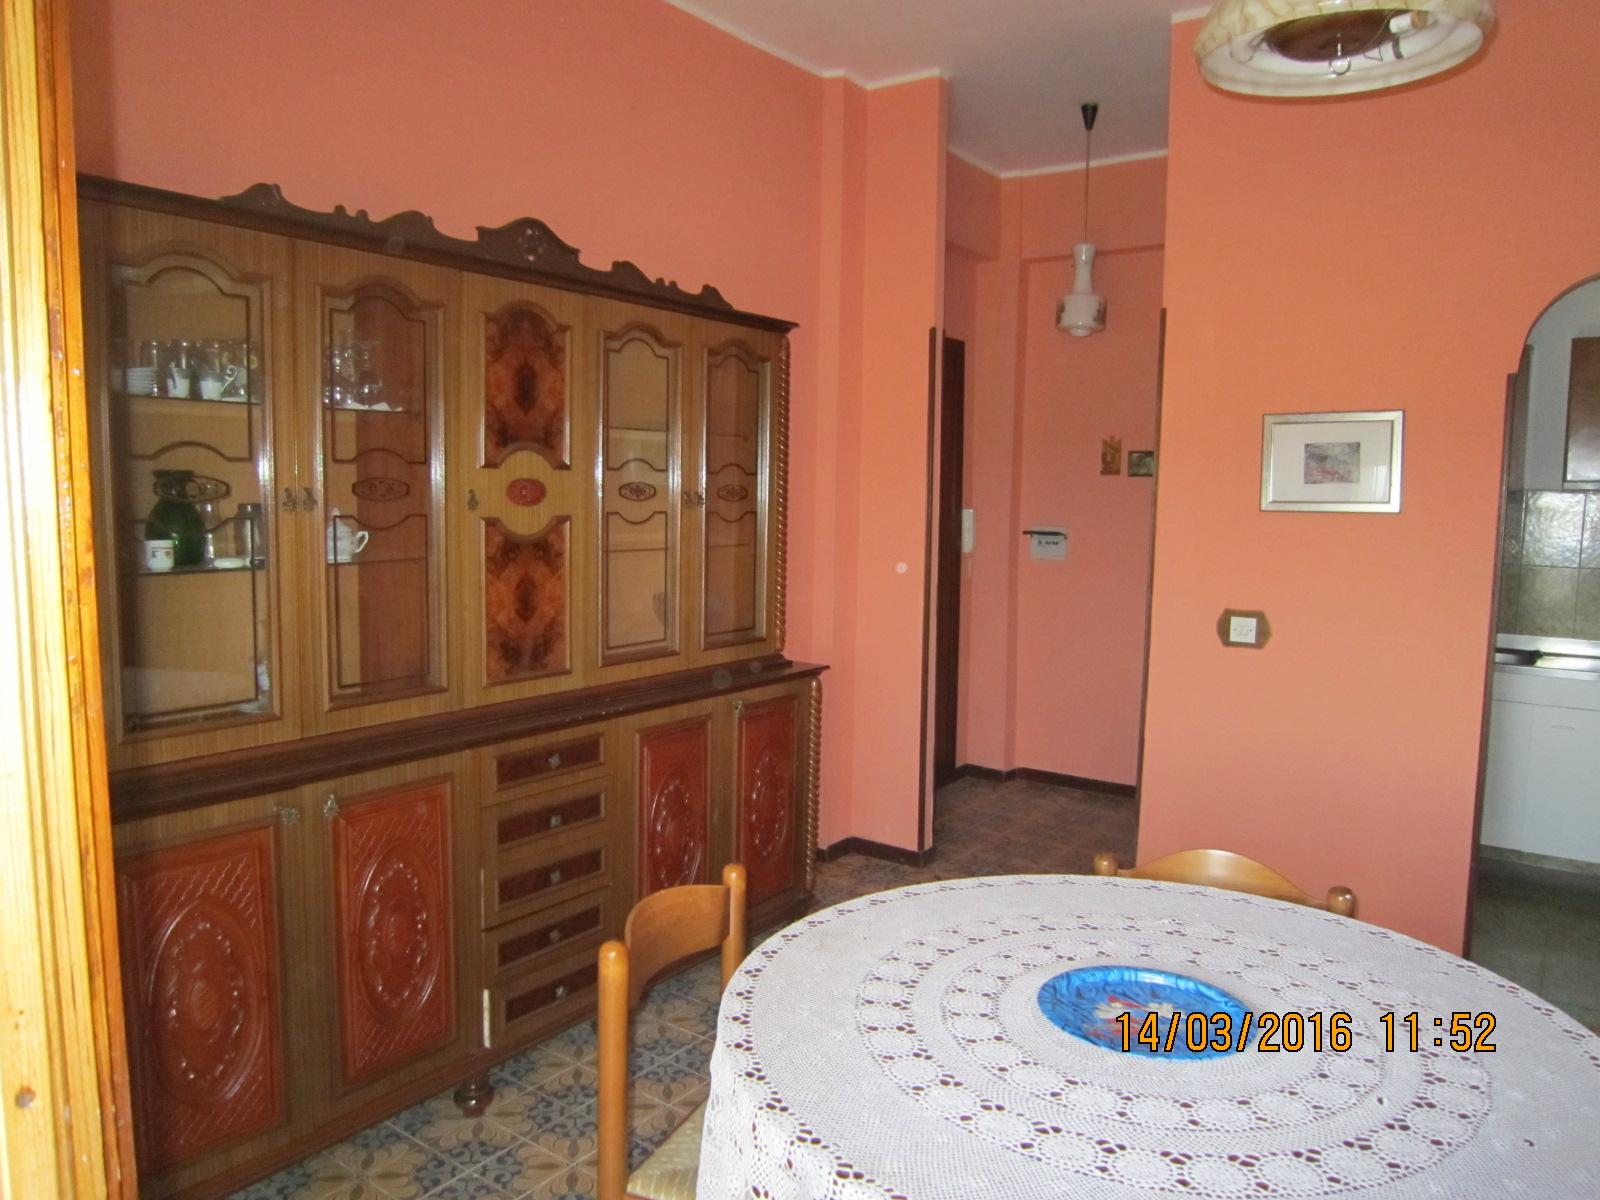 Appartamento affitto Tarquinia (VT) - 60 MQ